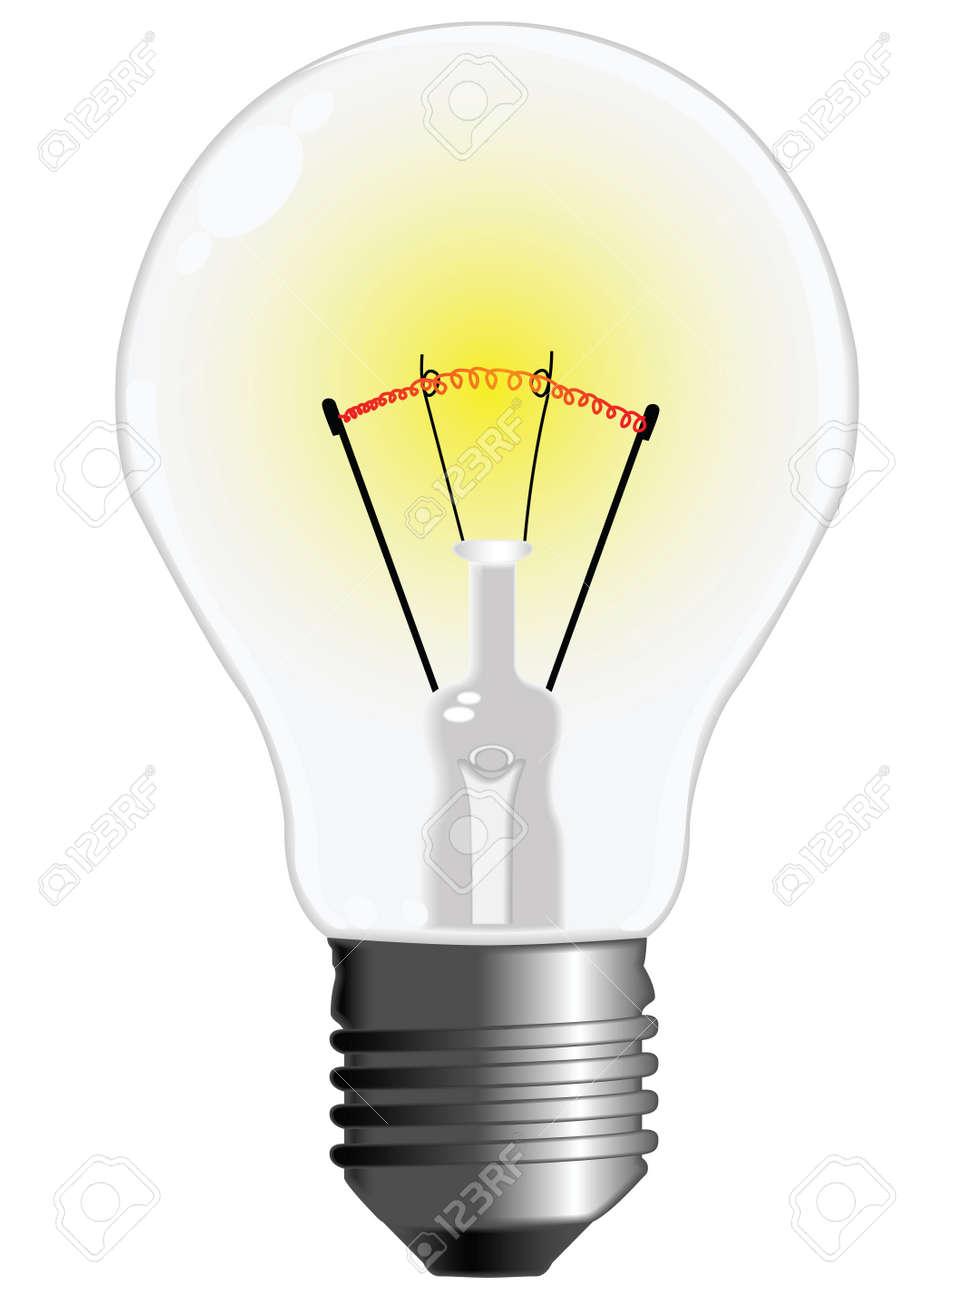 light bulb against white background, abstract vector art illustration Stock Illustration - 8545651